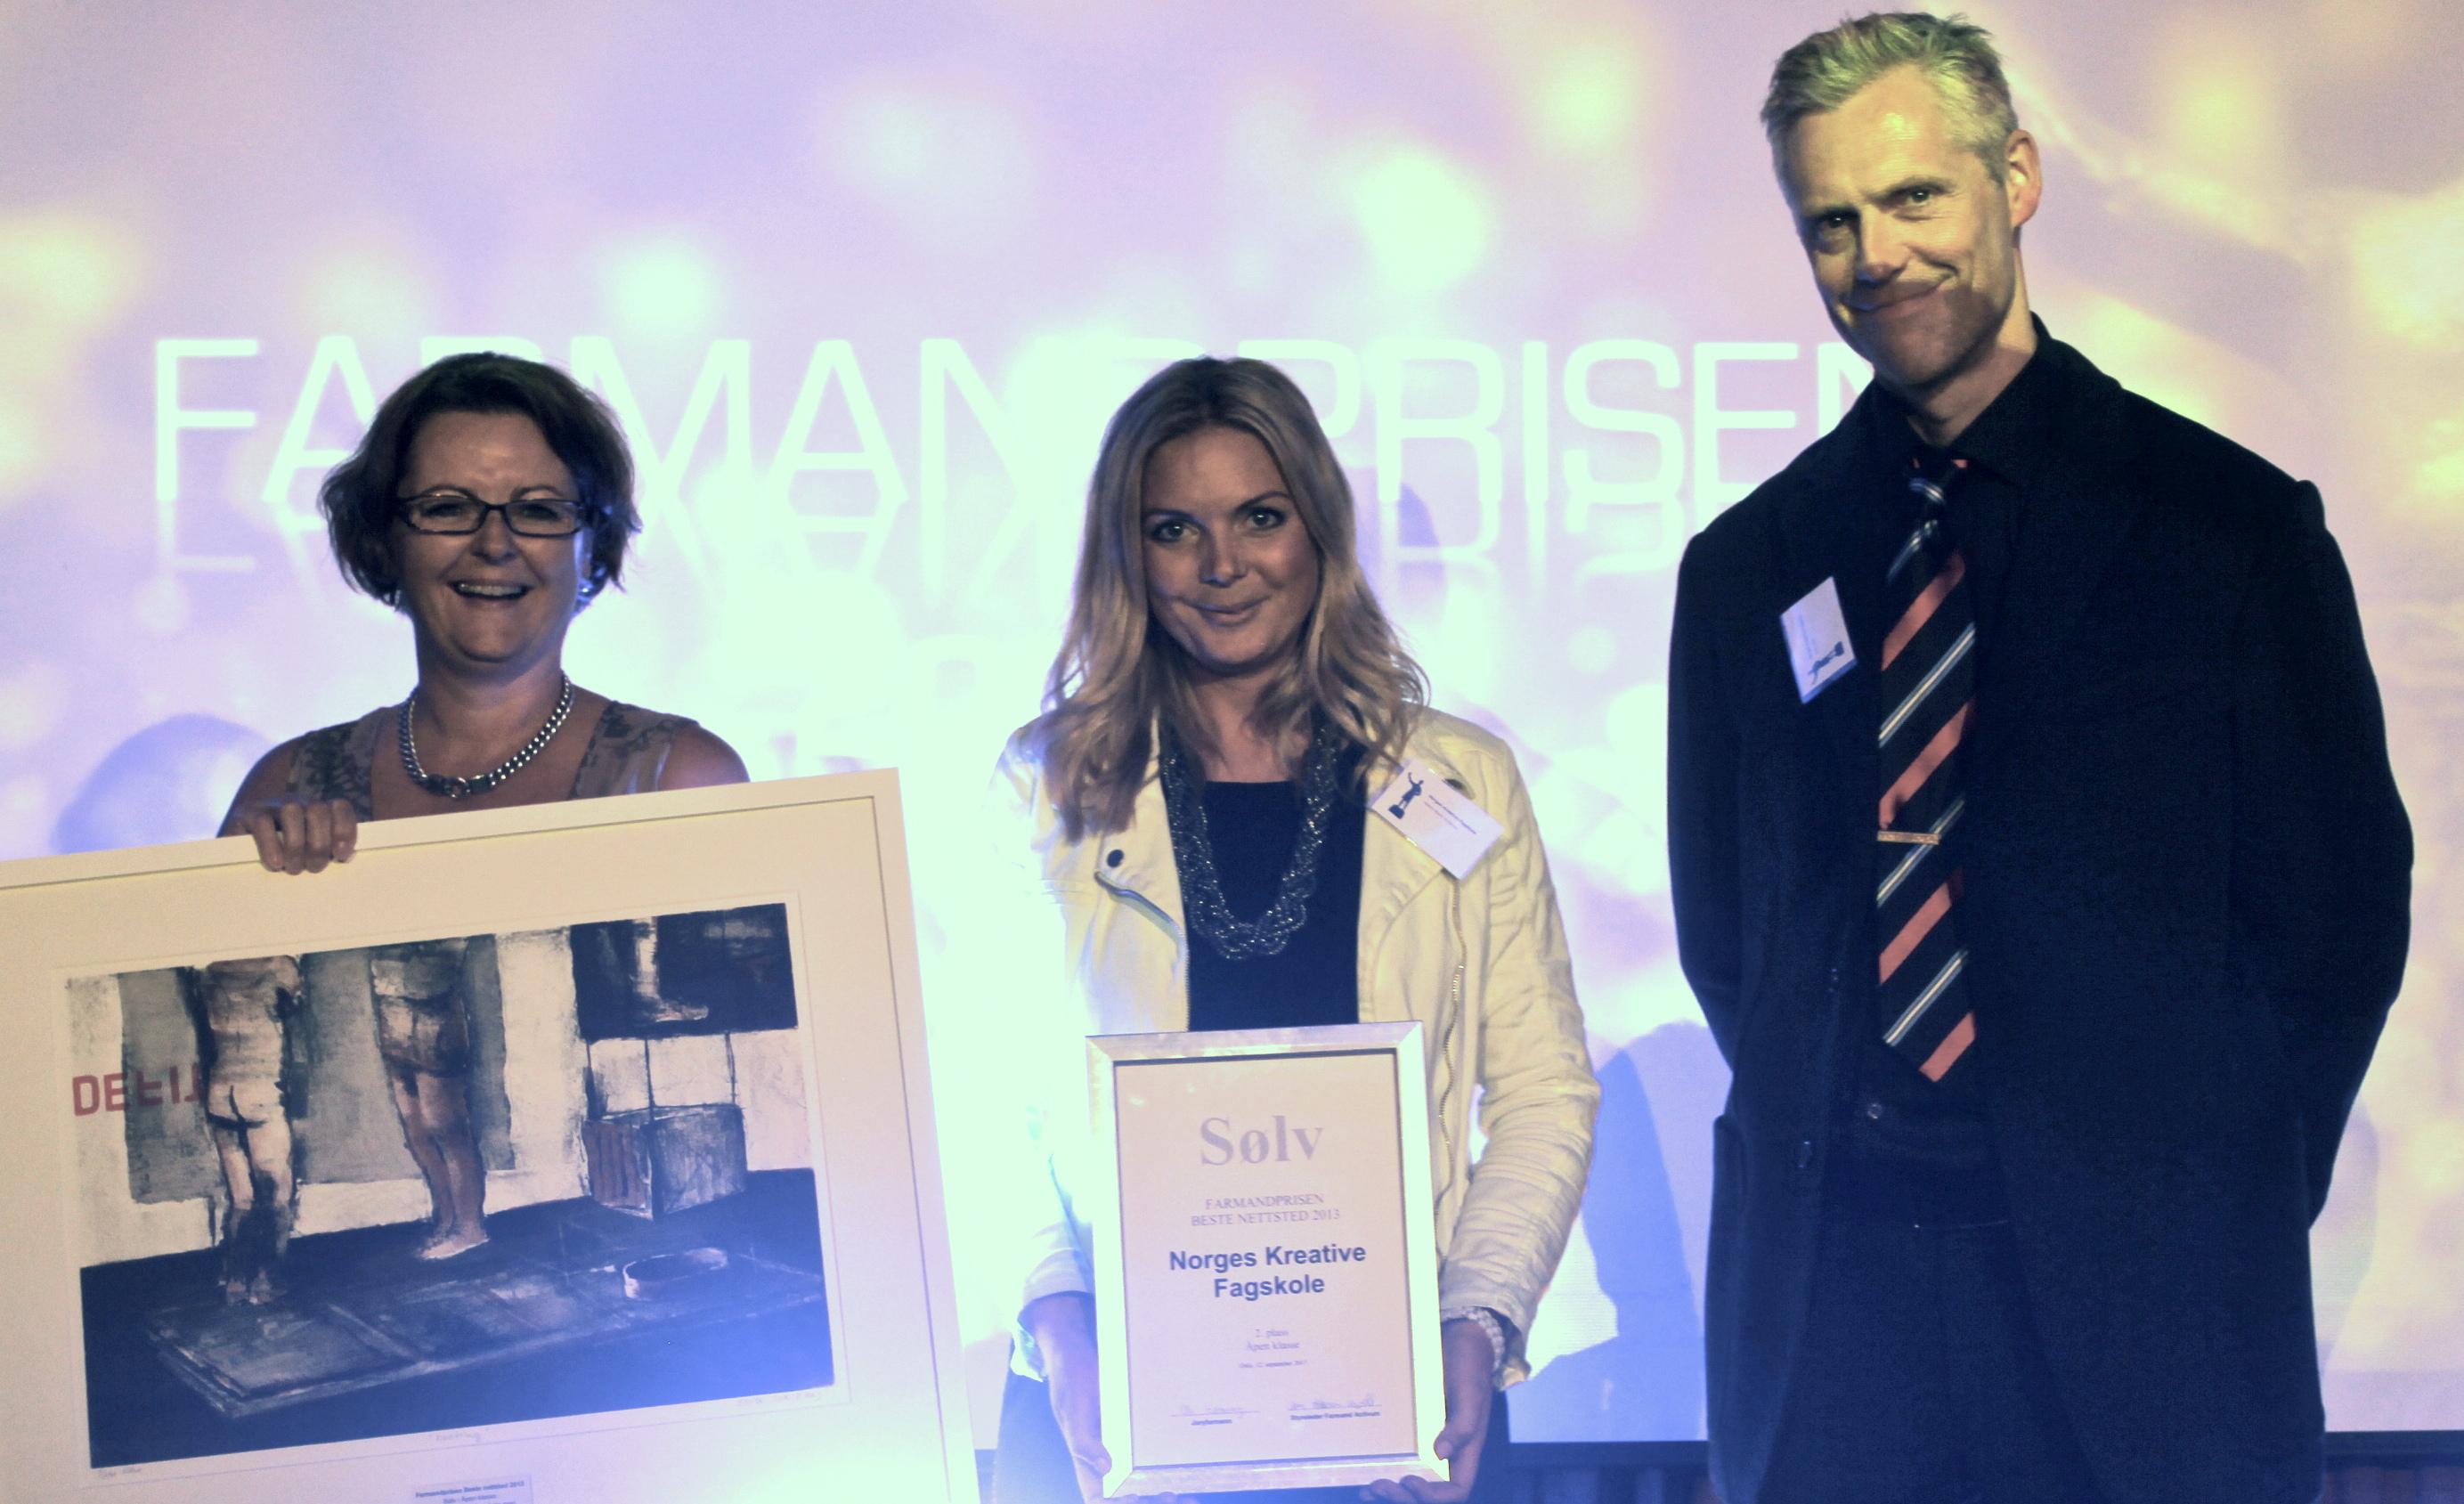 Farmandprisen Beste nettted 2013 - Åpen klasse nr 2: Norges Kreative Fagskole